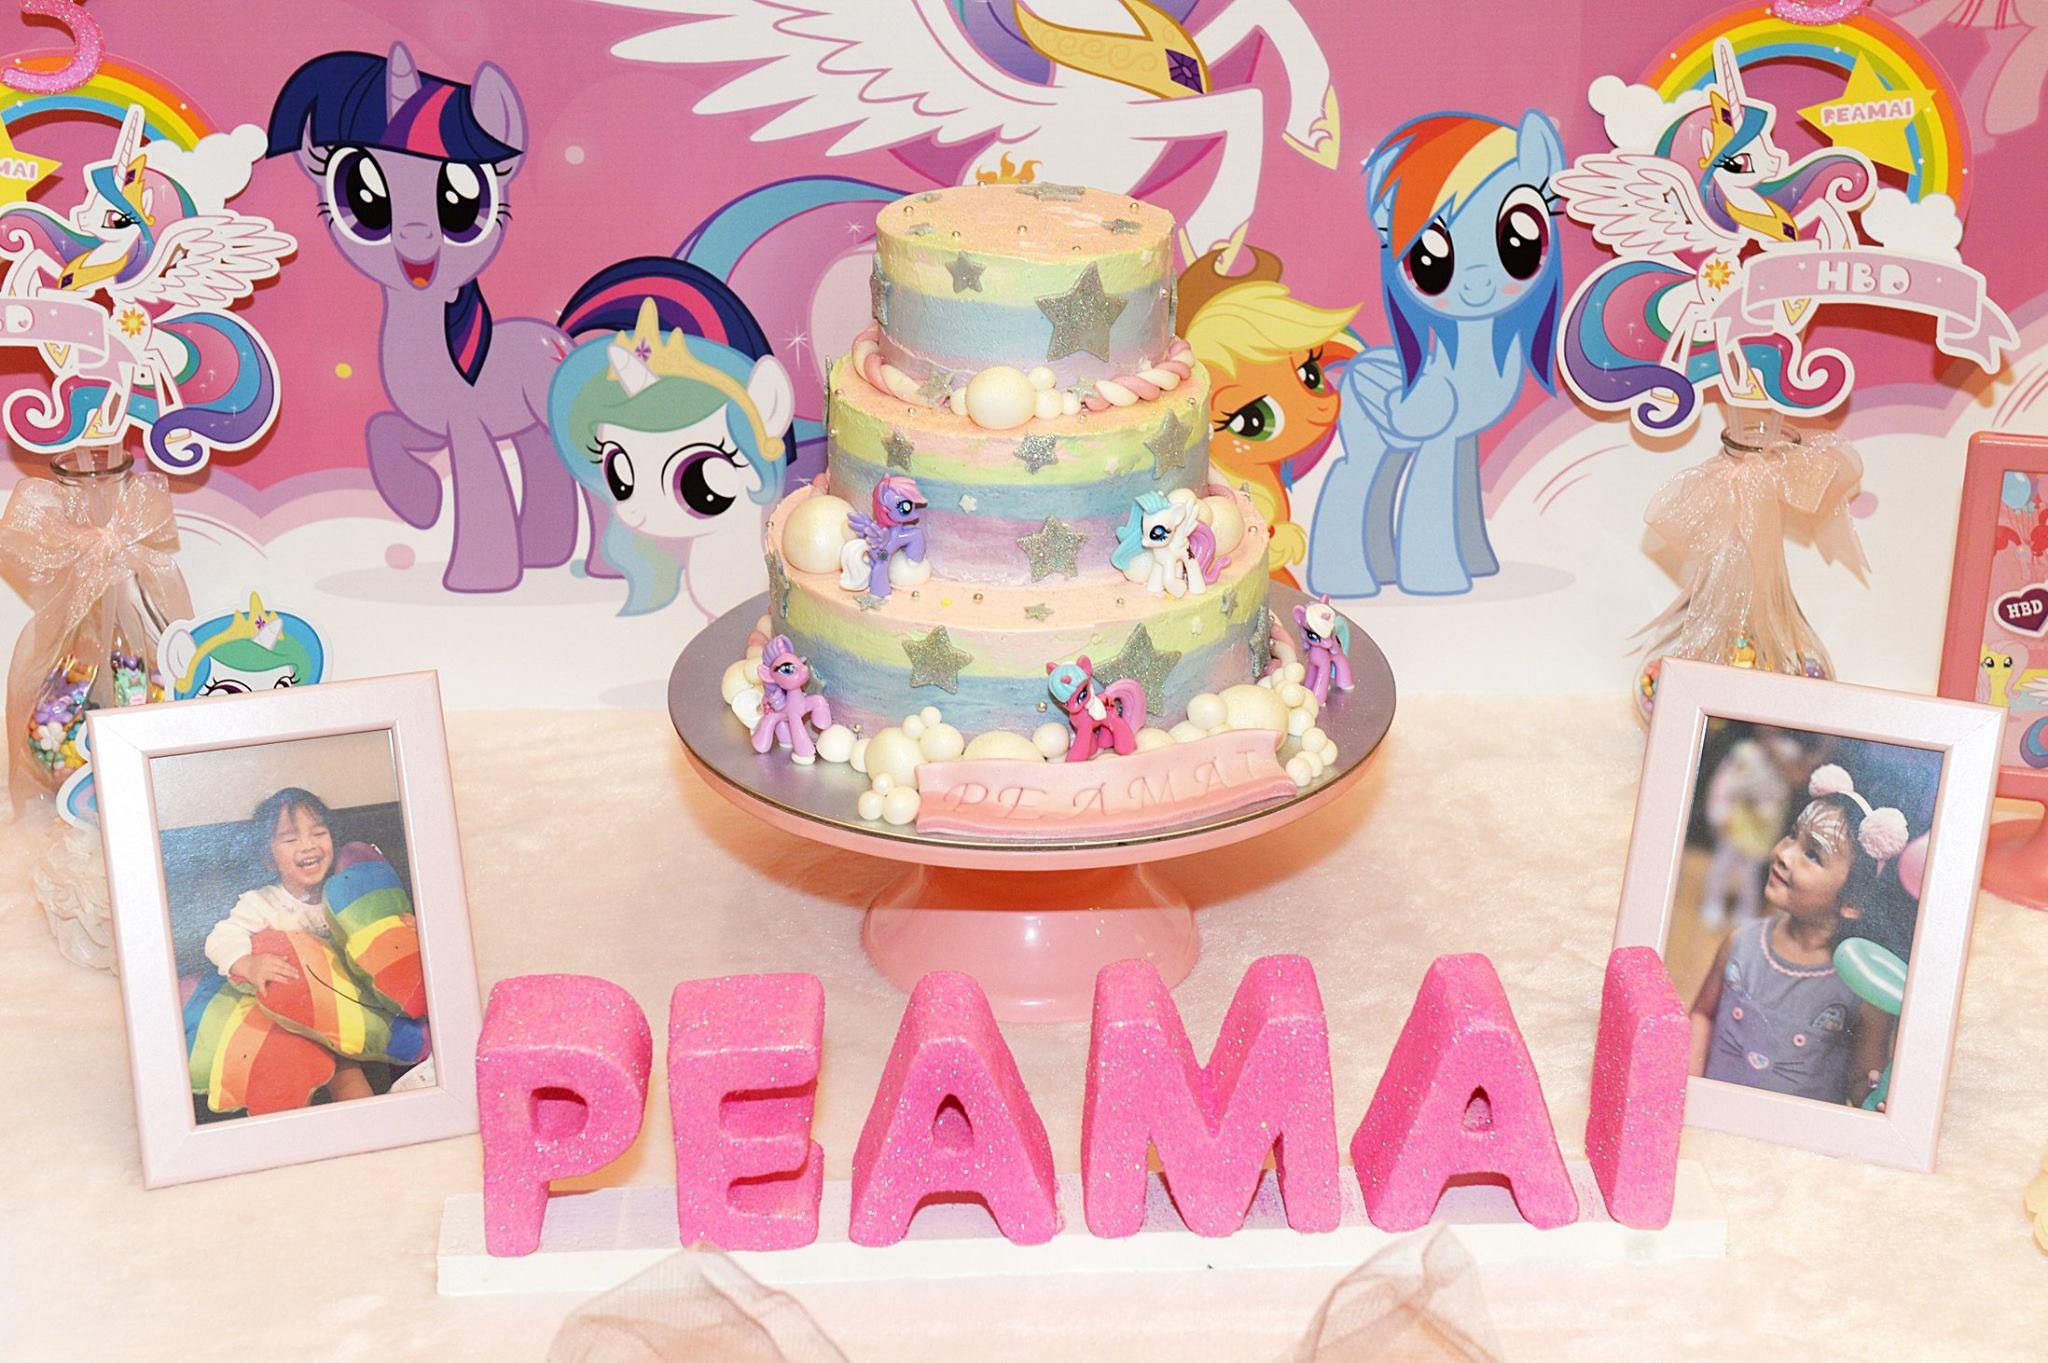 บรรยากาศงานวันเกิดน้องปีใหม่ ลูกสาวสุดน่ารักของคุณแม่แอฟ ทักษอร มาในธีม My Little Pony มีทั้งการตกแต่งงานตามธีม จัดลูกโป่ง ออกแบบแบคดรอป ตกแต่งโต๊ะเค้ก ให้งานน่ารักสุดๆ